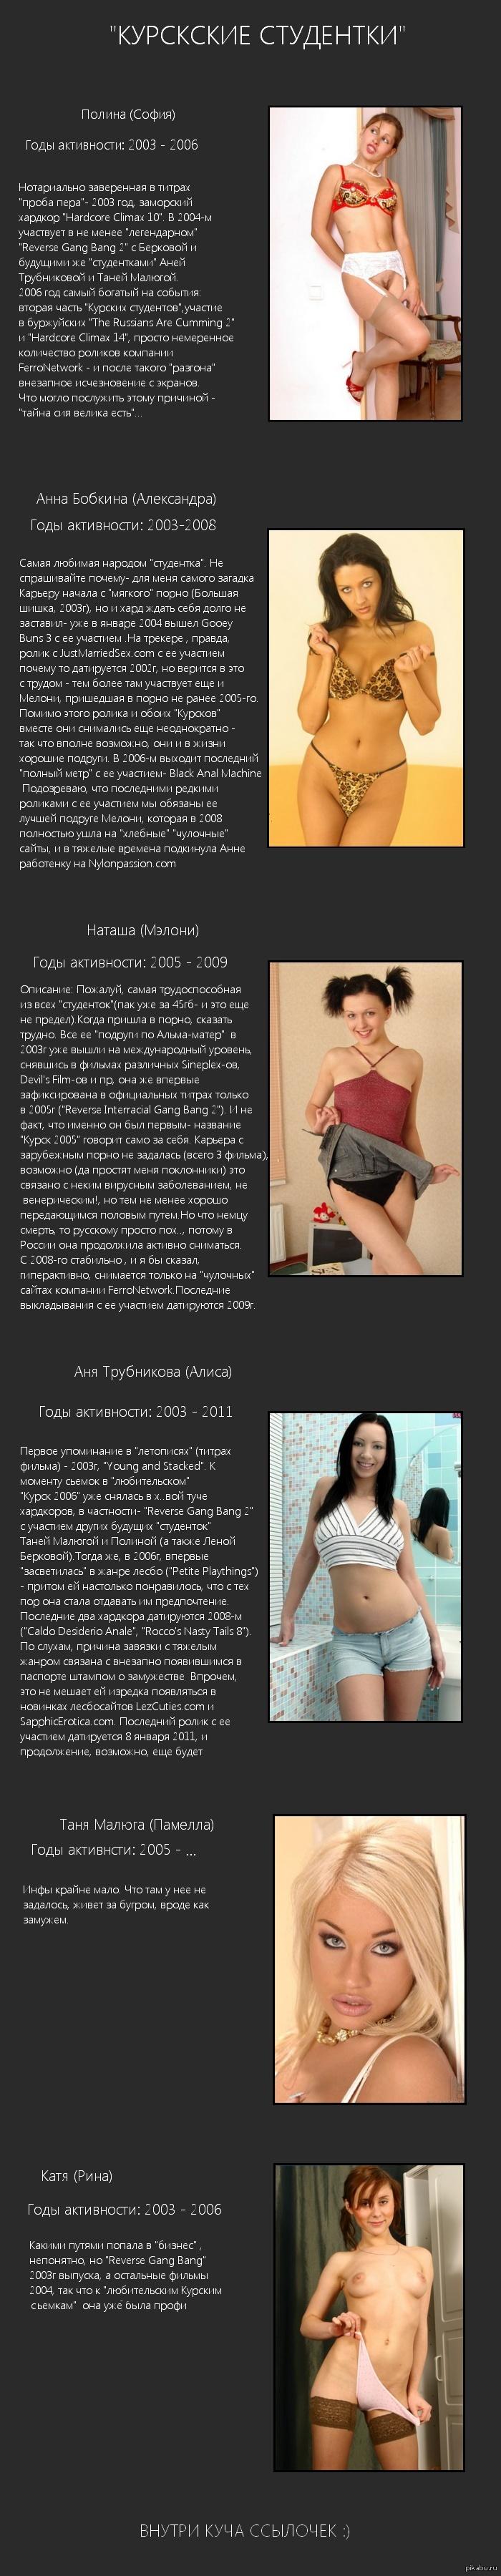 filmografiya-aktris-den-studenta-porno-rossiyskie-filmi-erotika-pod-yubku